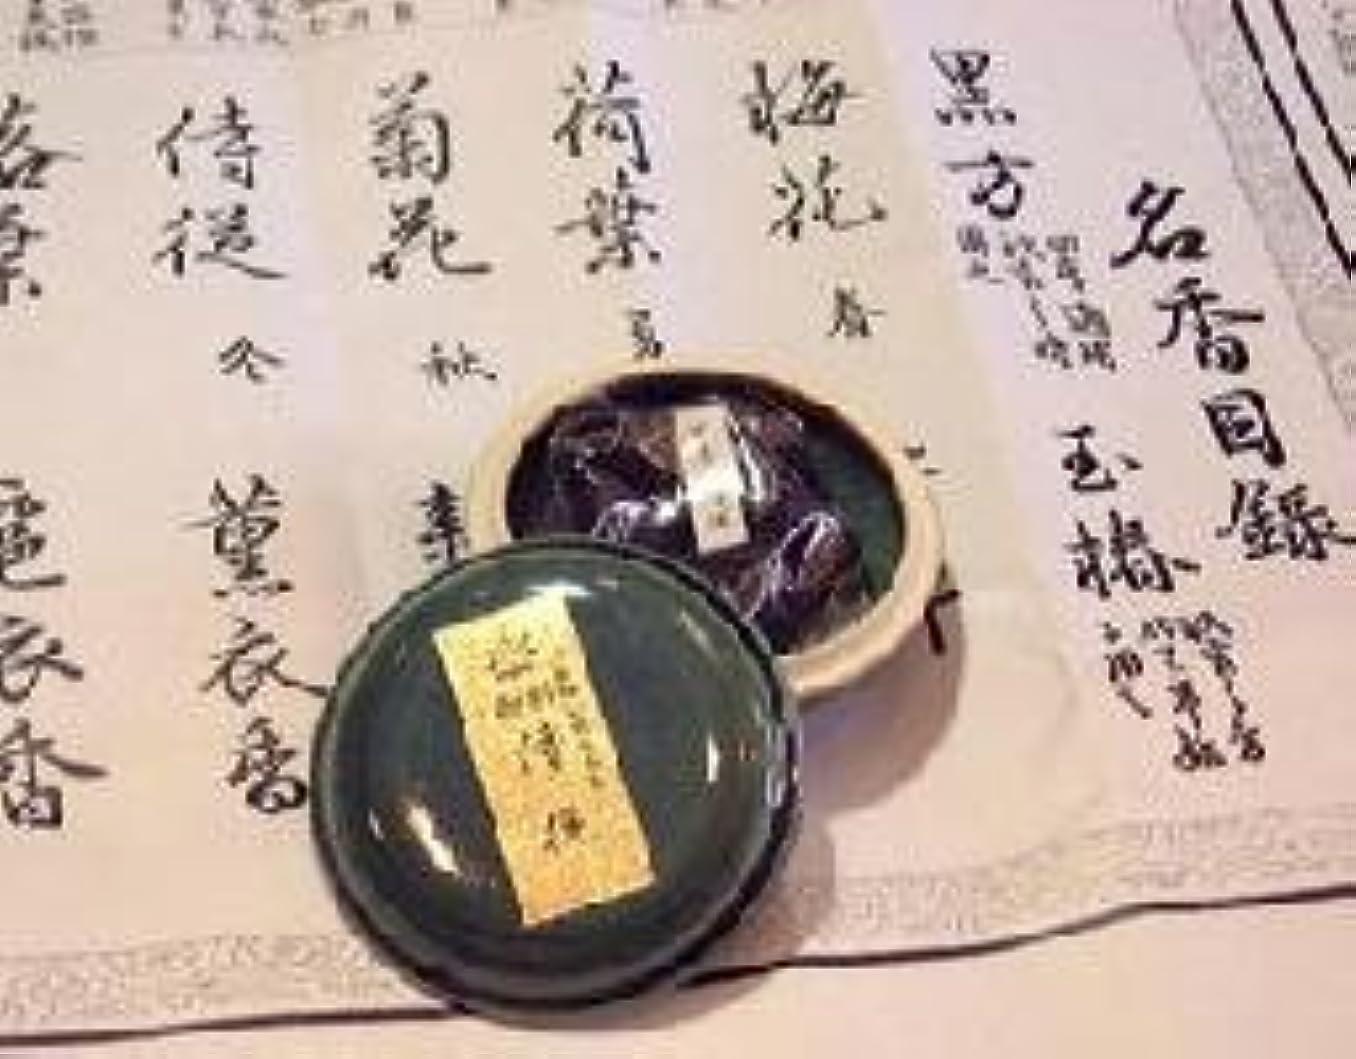 また明日ねフラスコ不潔鳩居堂の煉香 御香 侍従 桐箱 たと紙 陶器香合11g入 #505